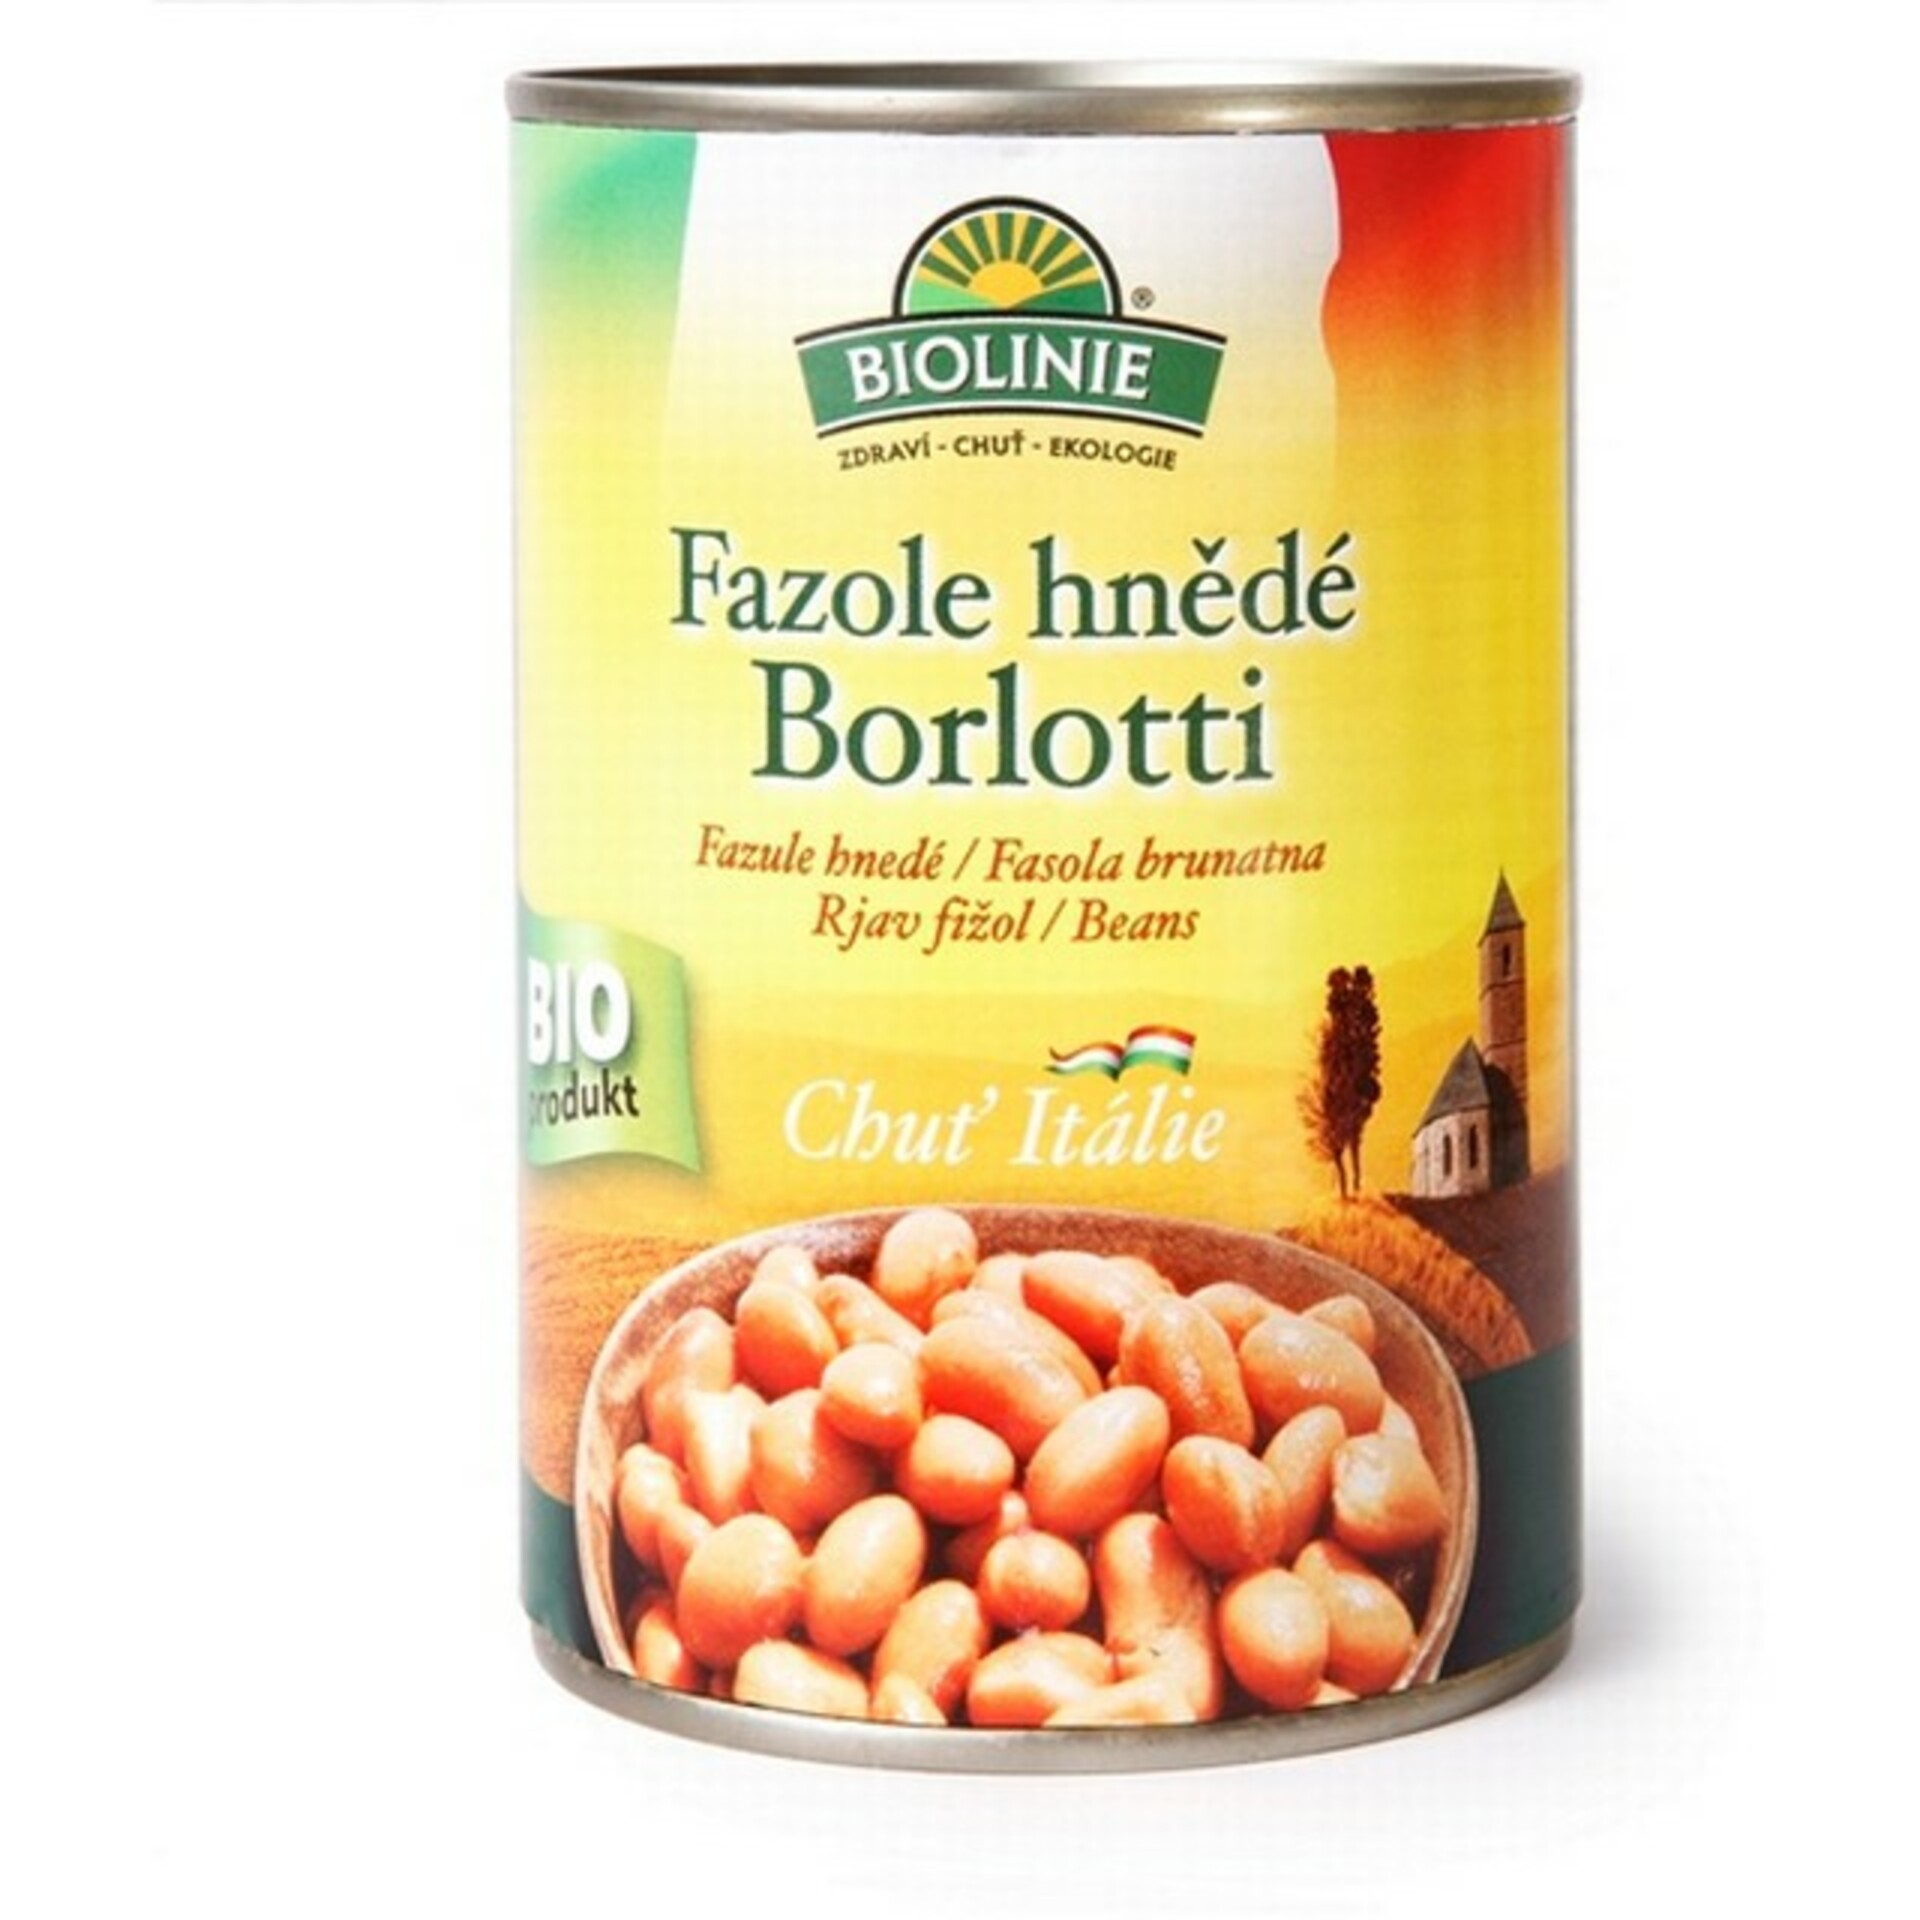 Biolinie Fazole hnědé Borlotti sterilované 400 g